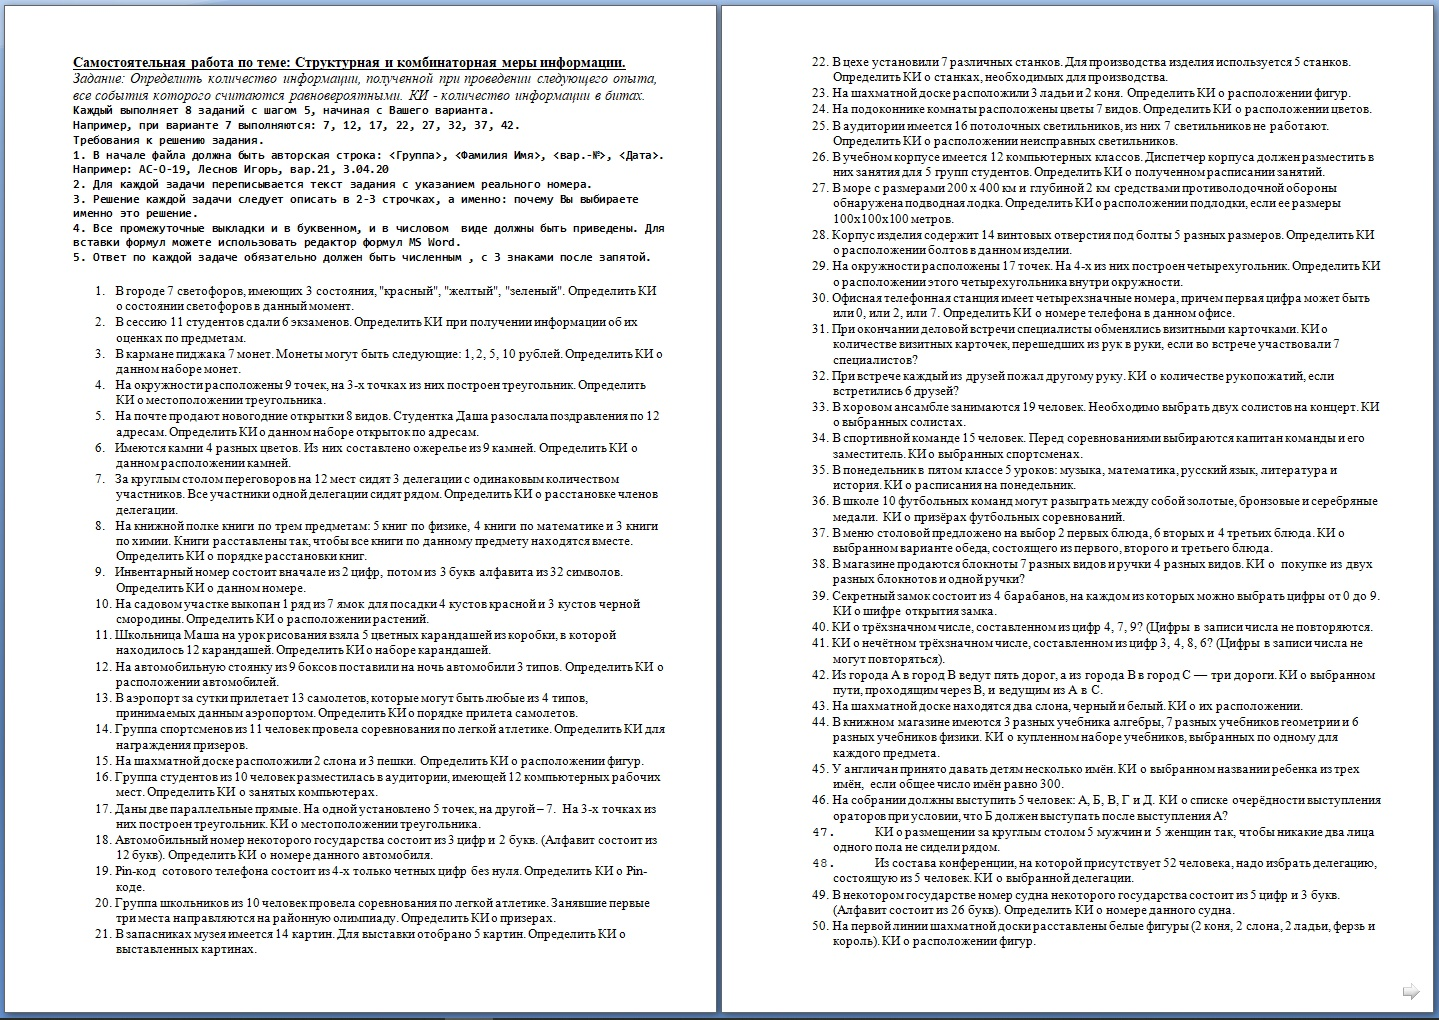 90-sam-3-informmetrika-ki-12